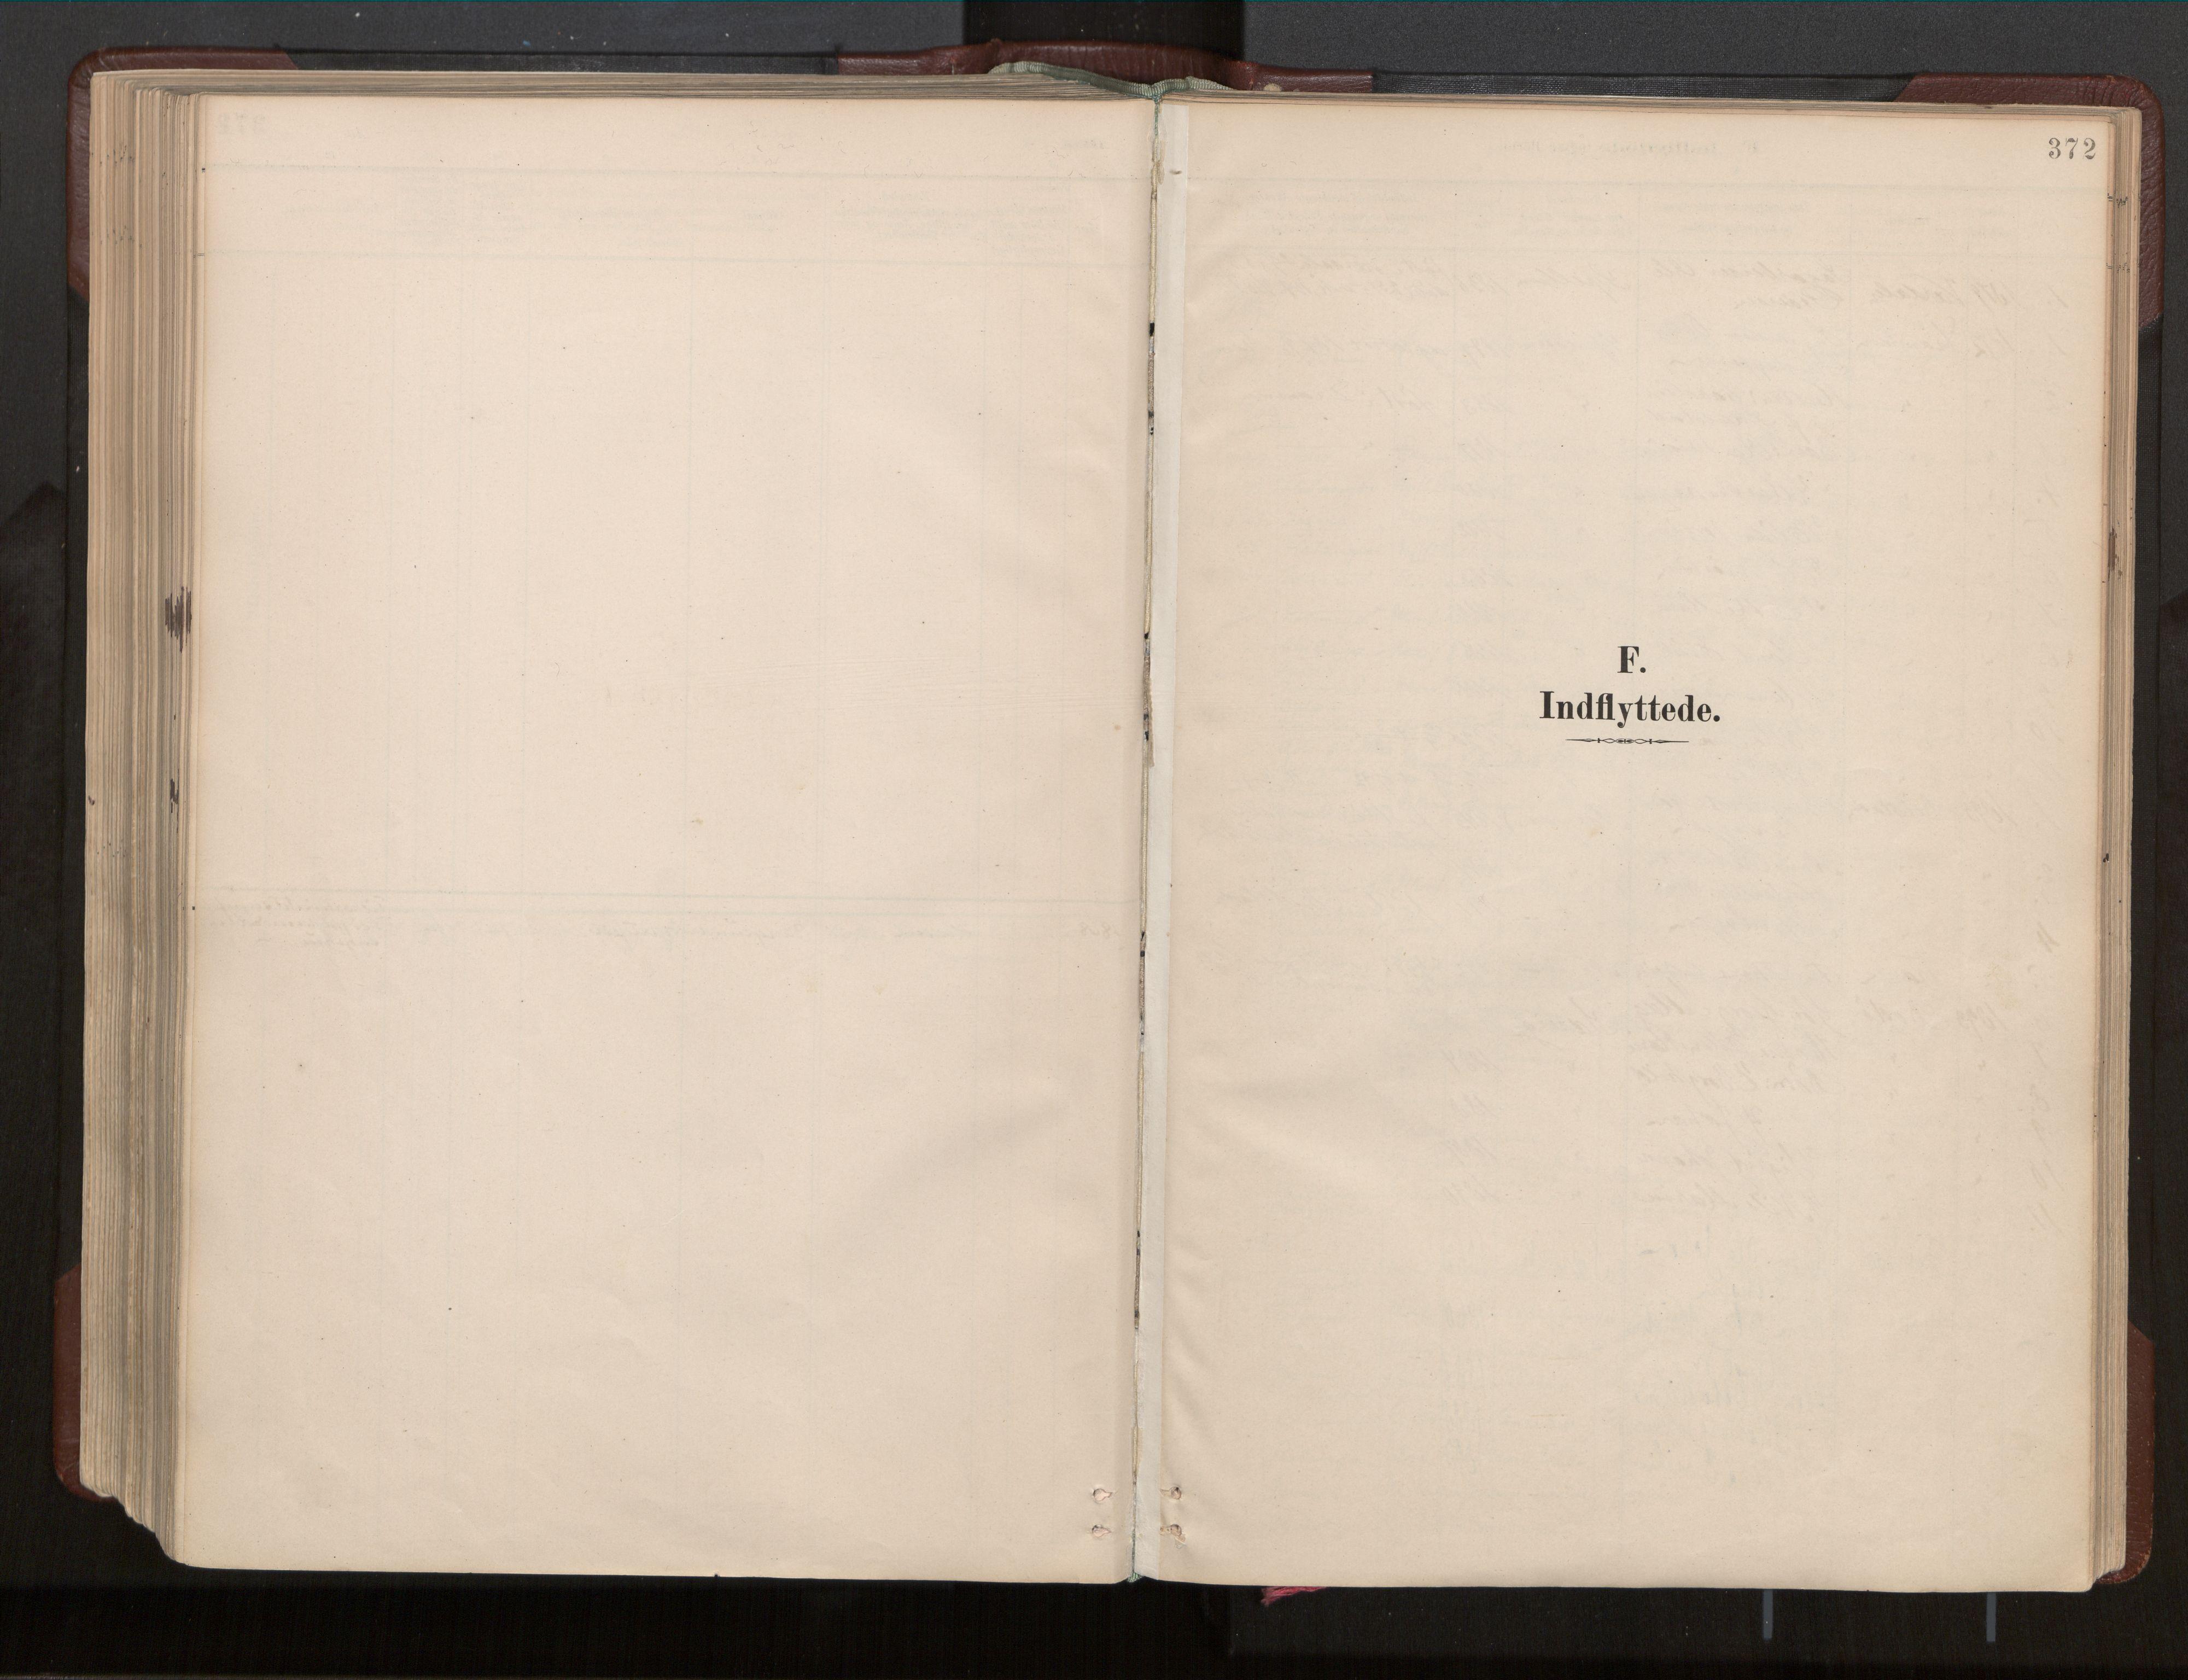 SAT, Ministerialprotokoller, klokkerbøker og fødselsregistre - Nord-Trøndelag, 770/L0589: Ministerialbok nr. 770A03, 1887-1929, s. 372